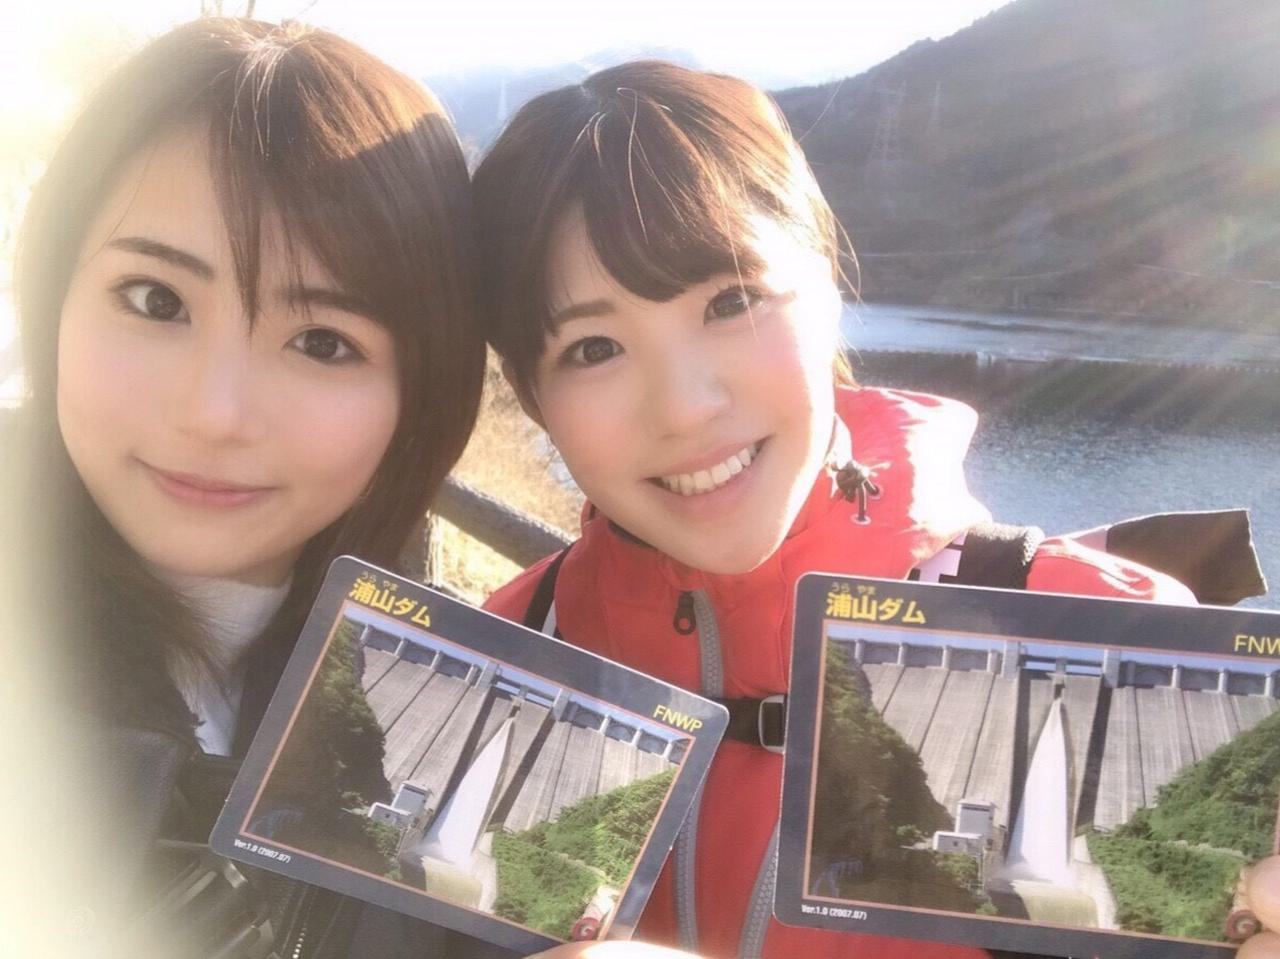 画像37: [ふたツー]2019年初ふたツー☆秩父ツーリング(梅本まどか 編)with 平嶋夏海